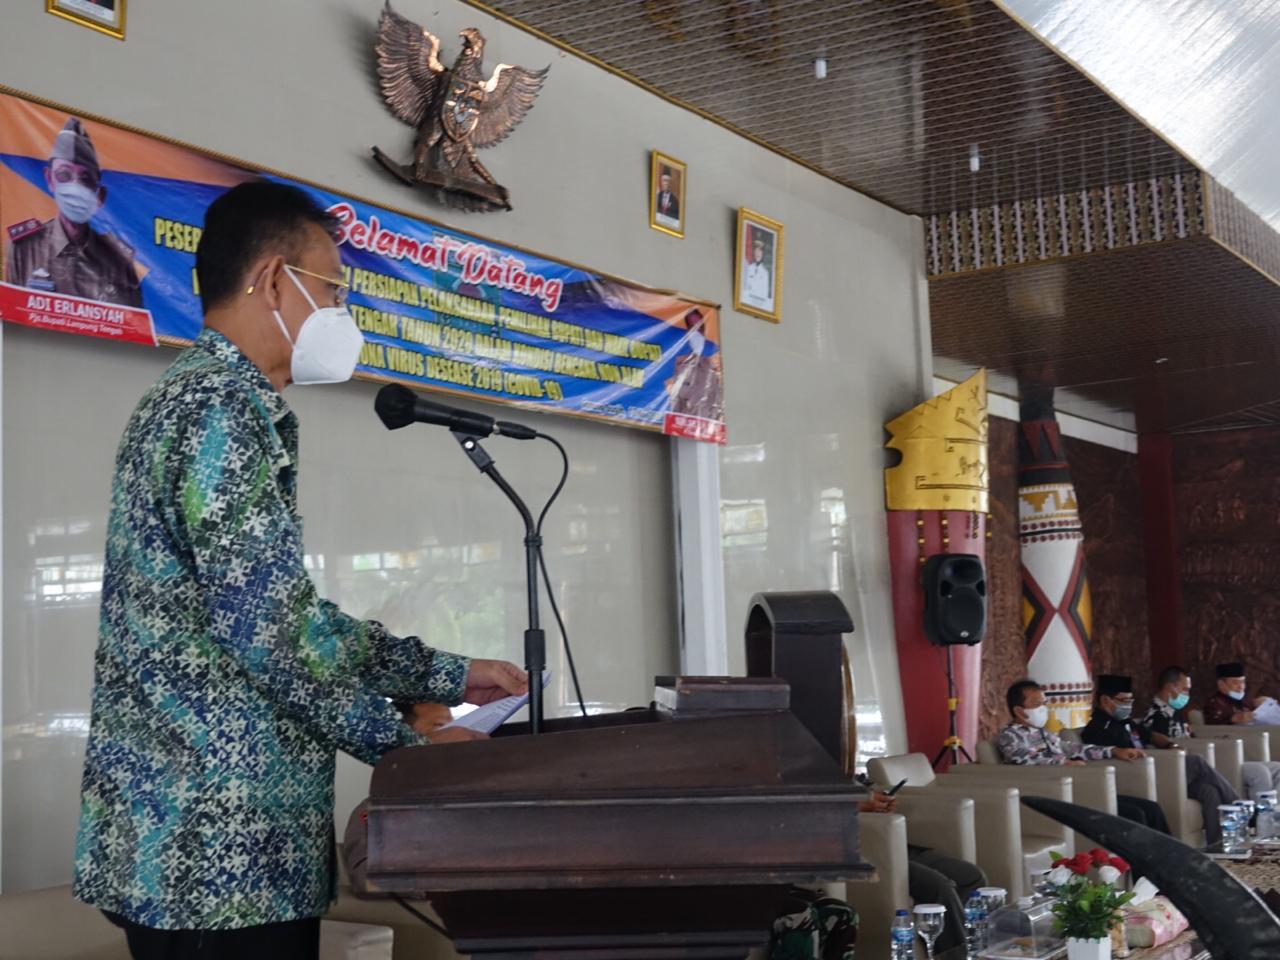 Pj Bupati Lamteng Pimpin Rapat Terkait Pilkada Serentak